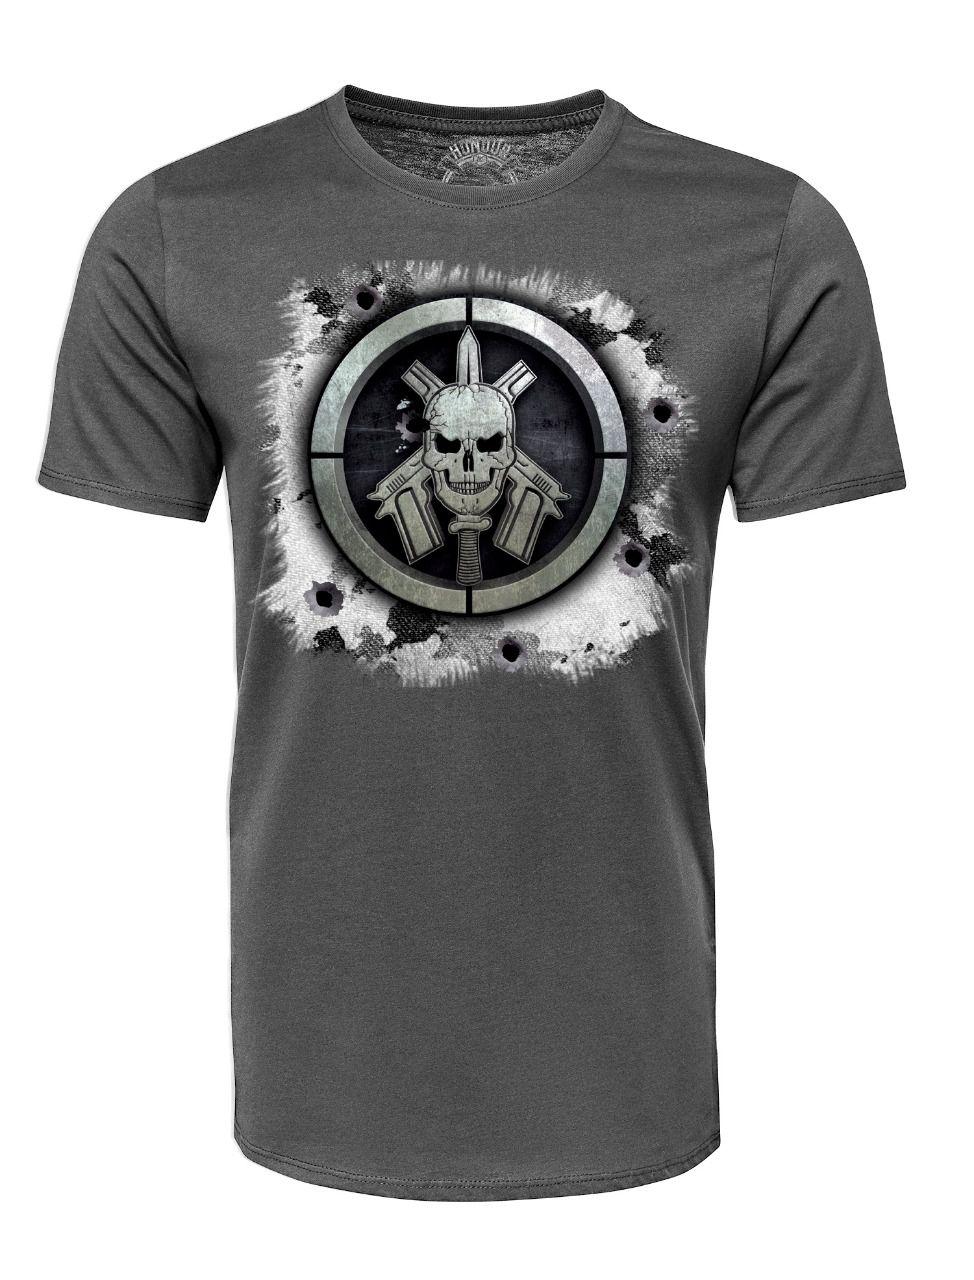 Camiseta Militar Estampada BOPE - Cinza